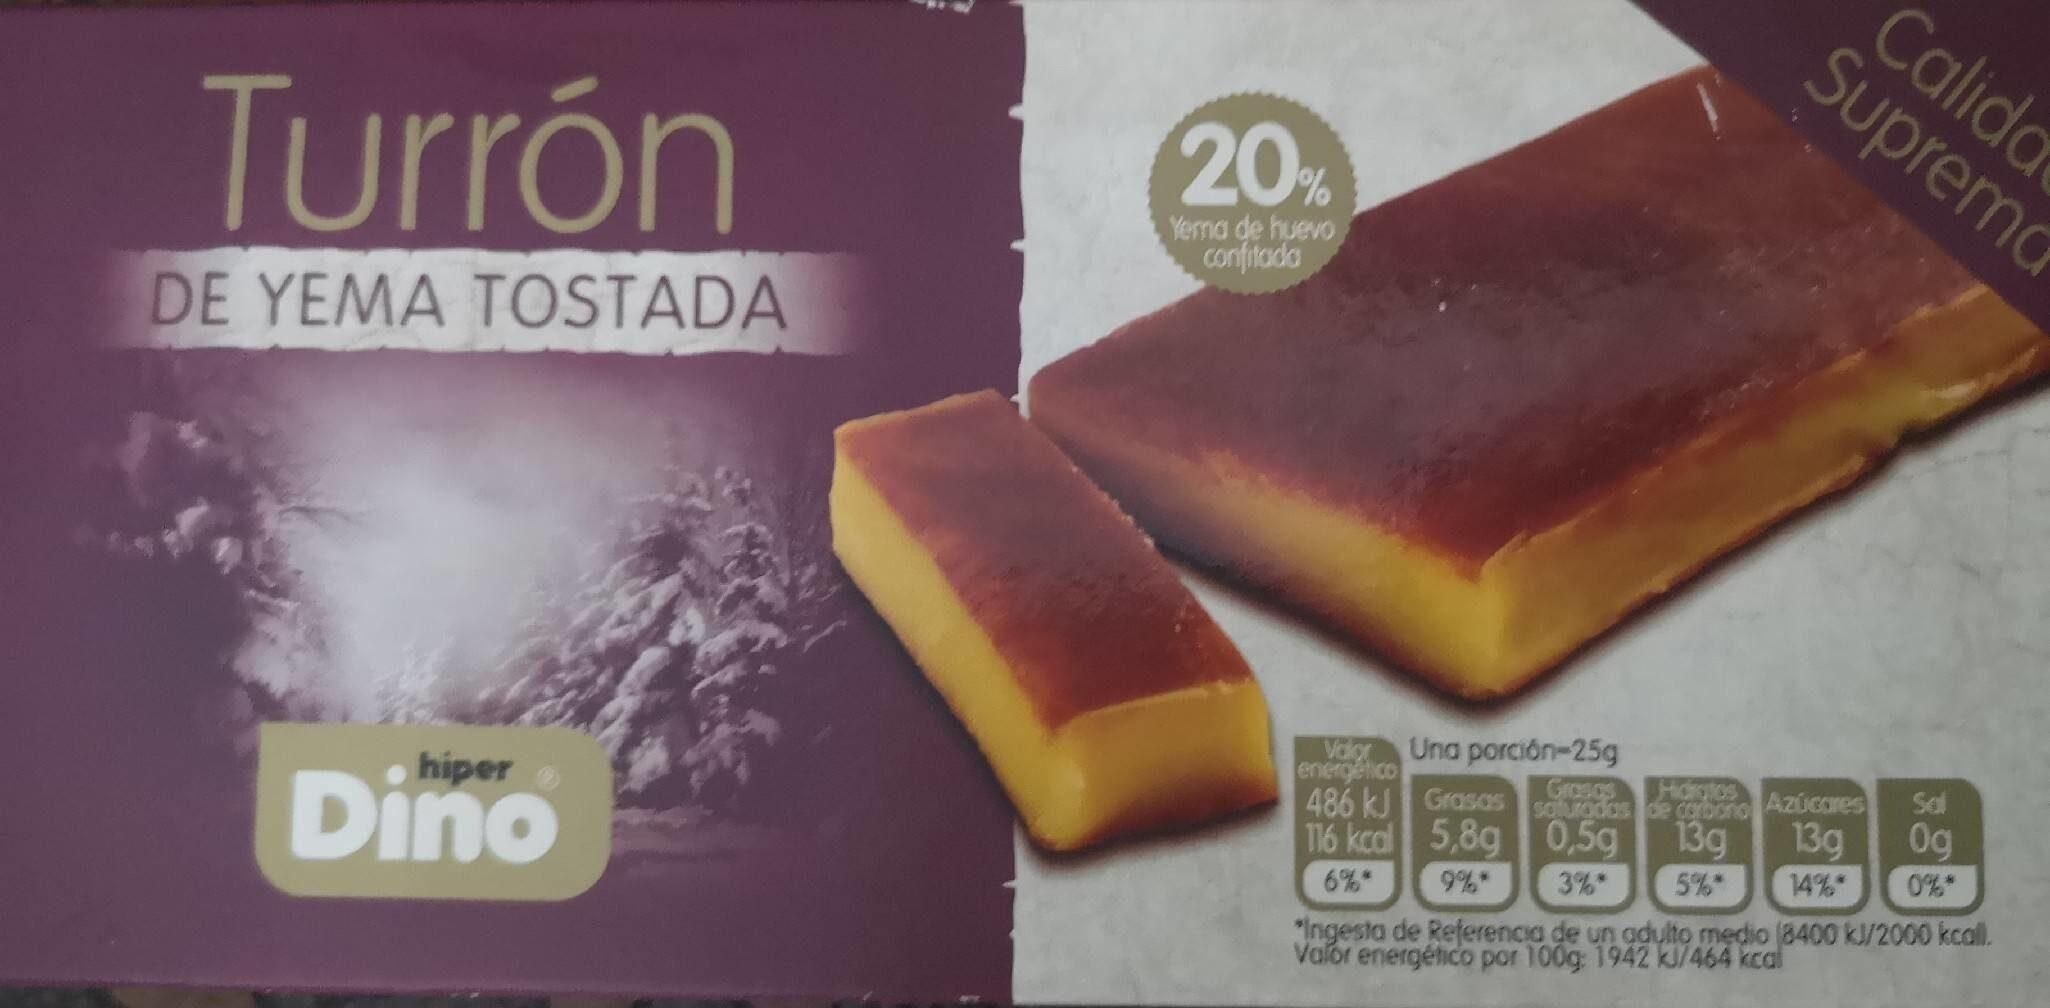 Turrón de Yema tostada - Producto - es